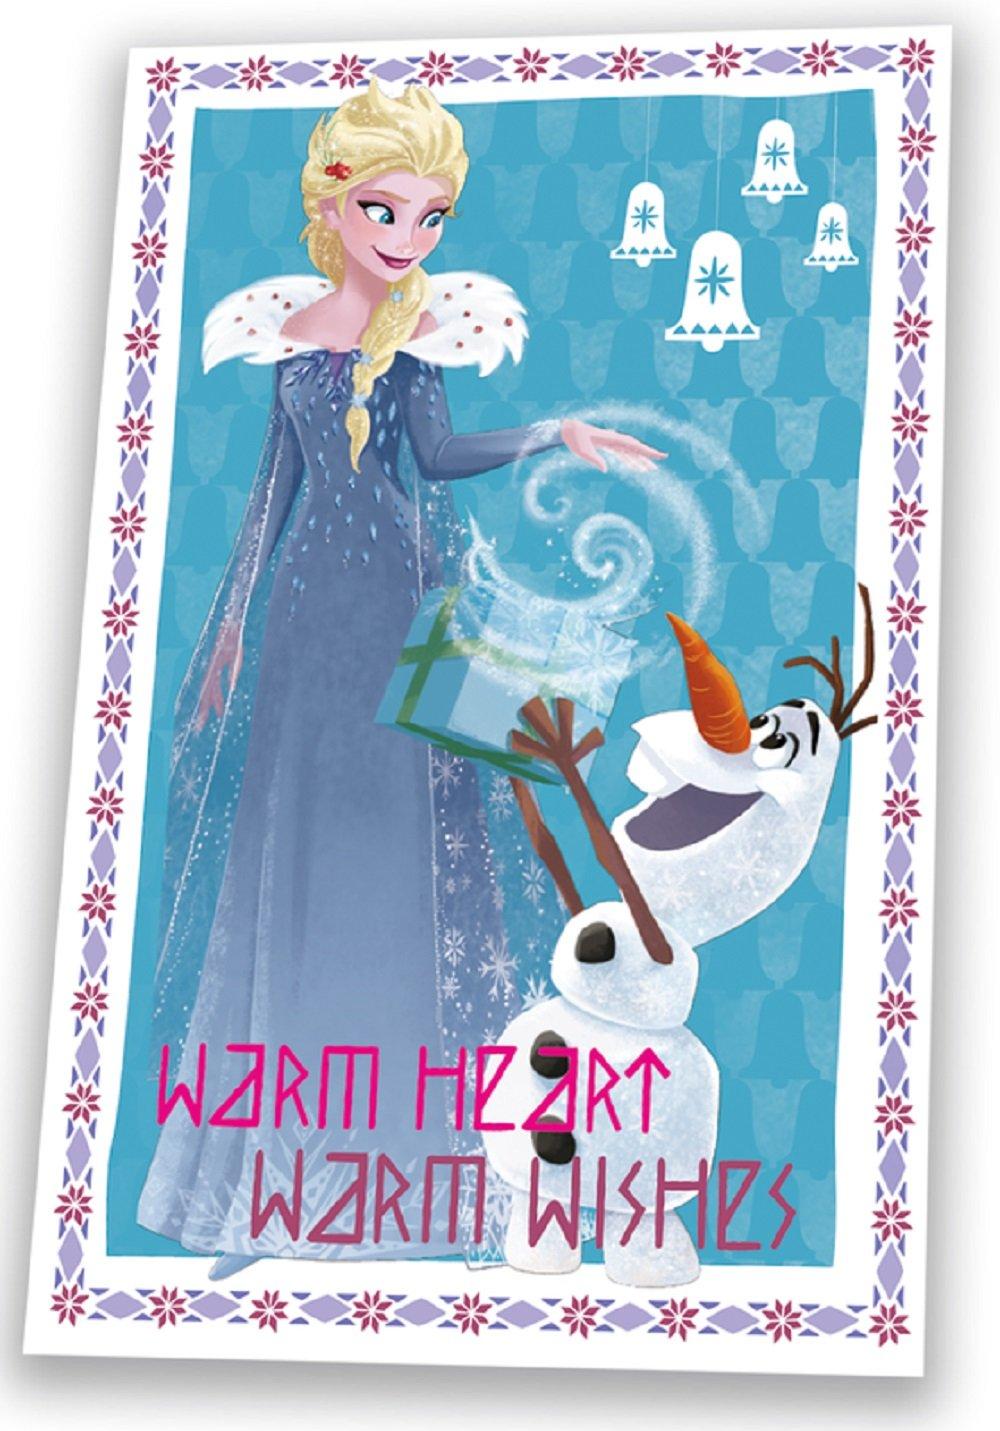 /Elsa /& Olaf c/álido coraz/ón c/álido Deseos de 150/cm x 100/cm Manta de Forro Polar Disney wd19566/Frozen/